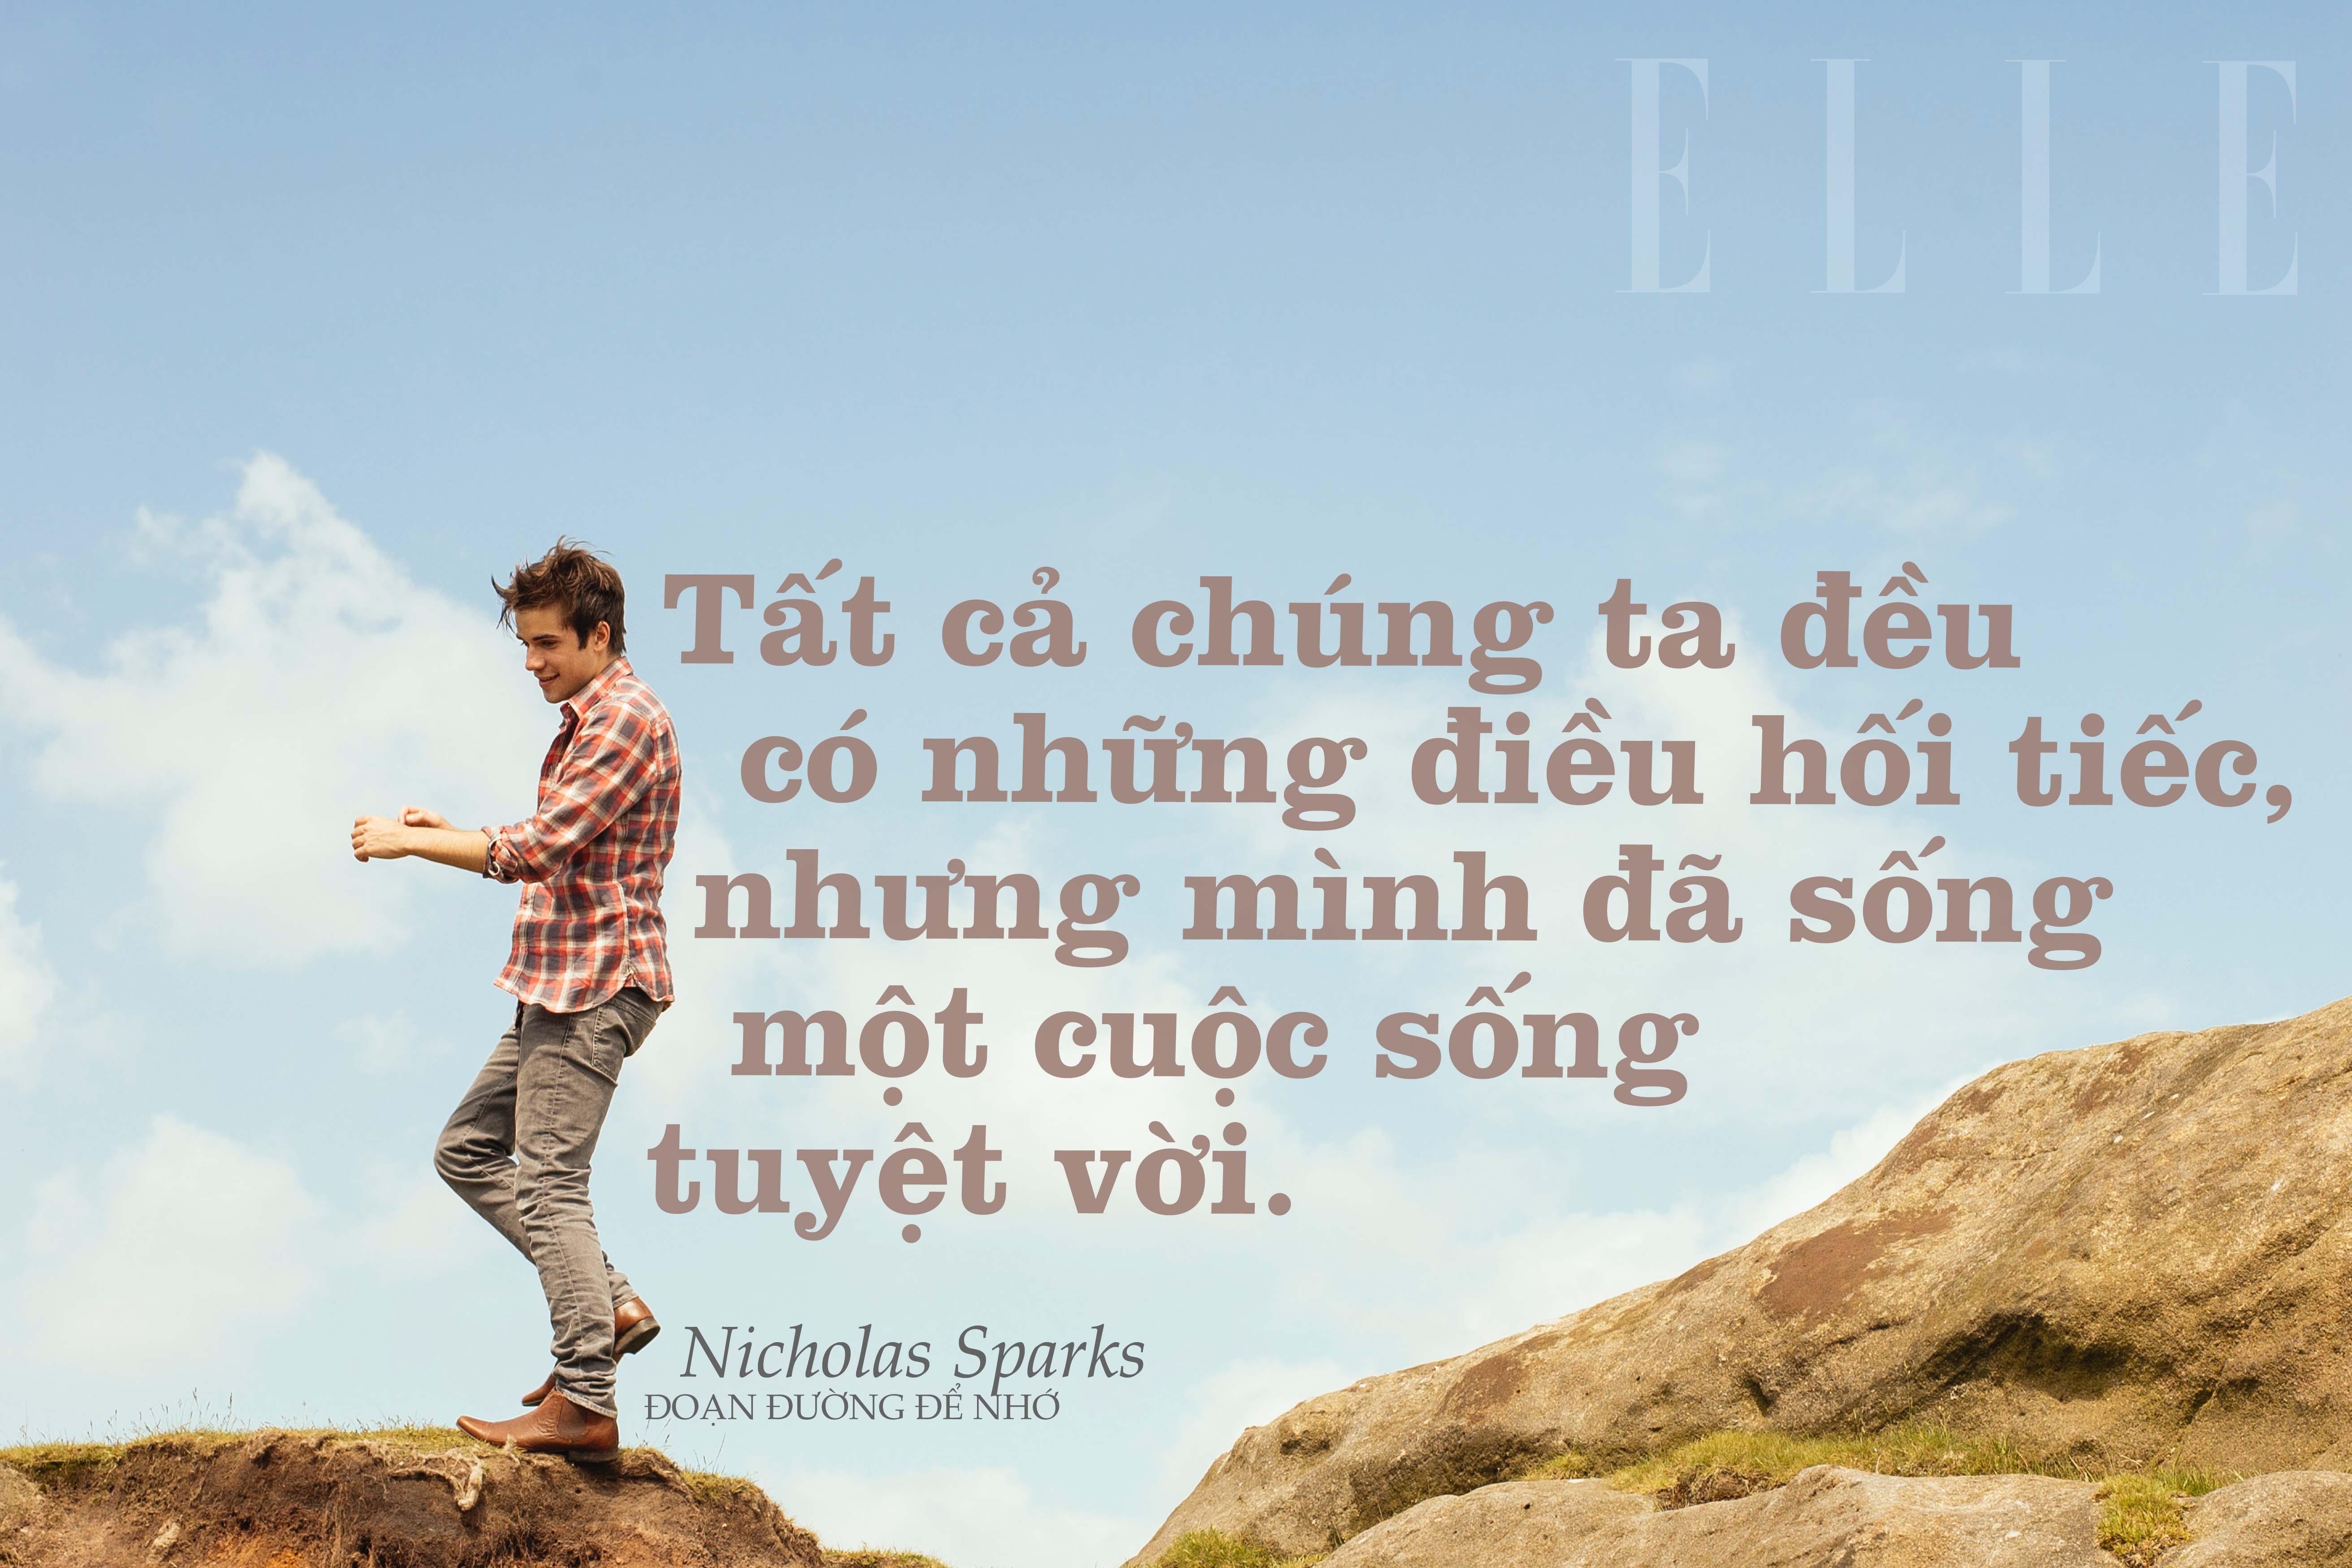 Nicholas Sparks 10